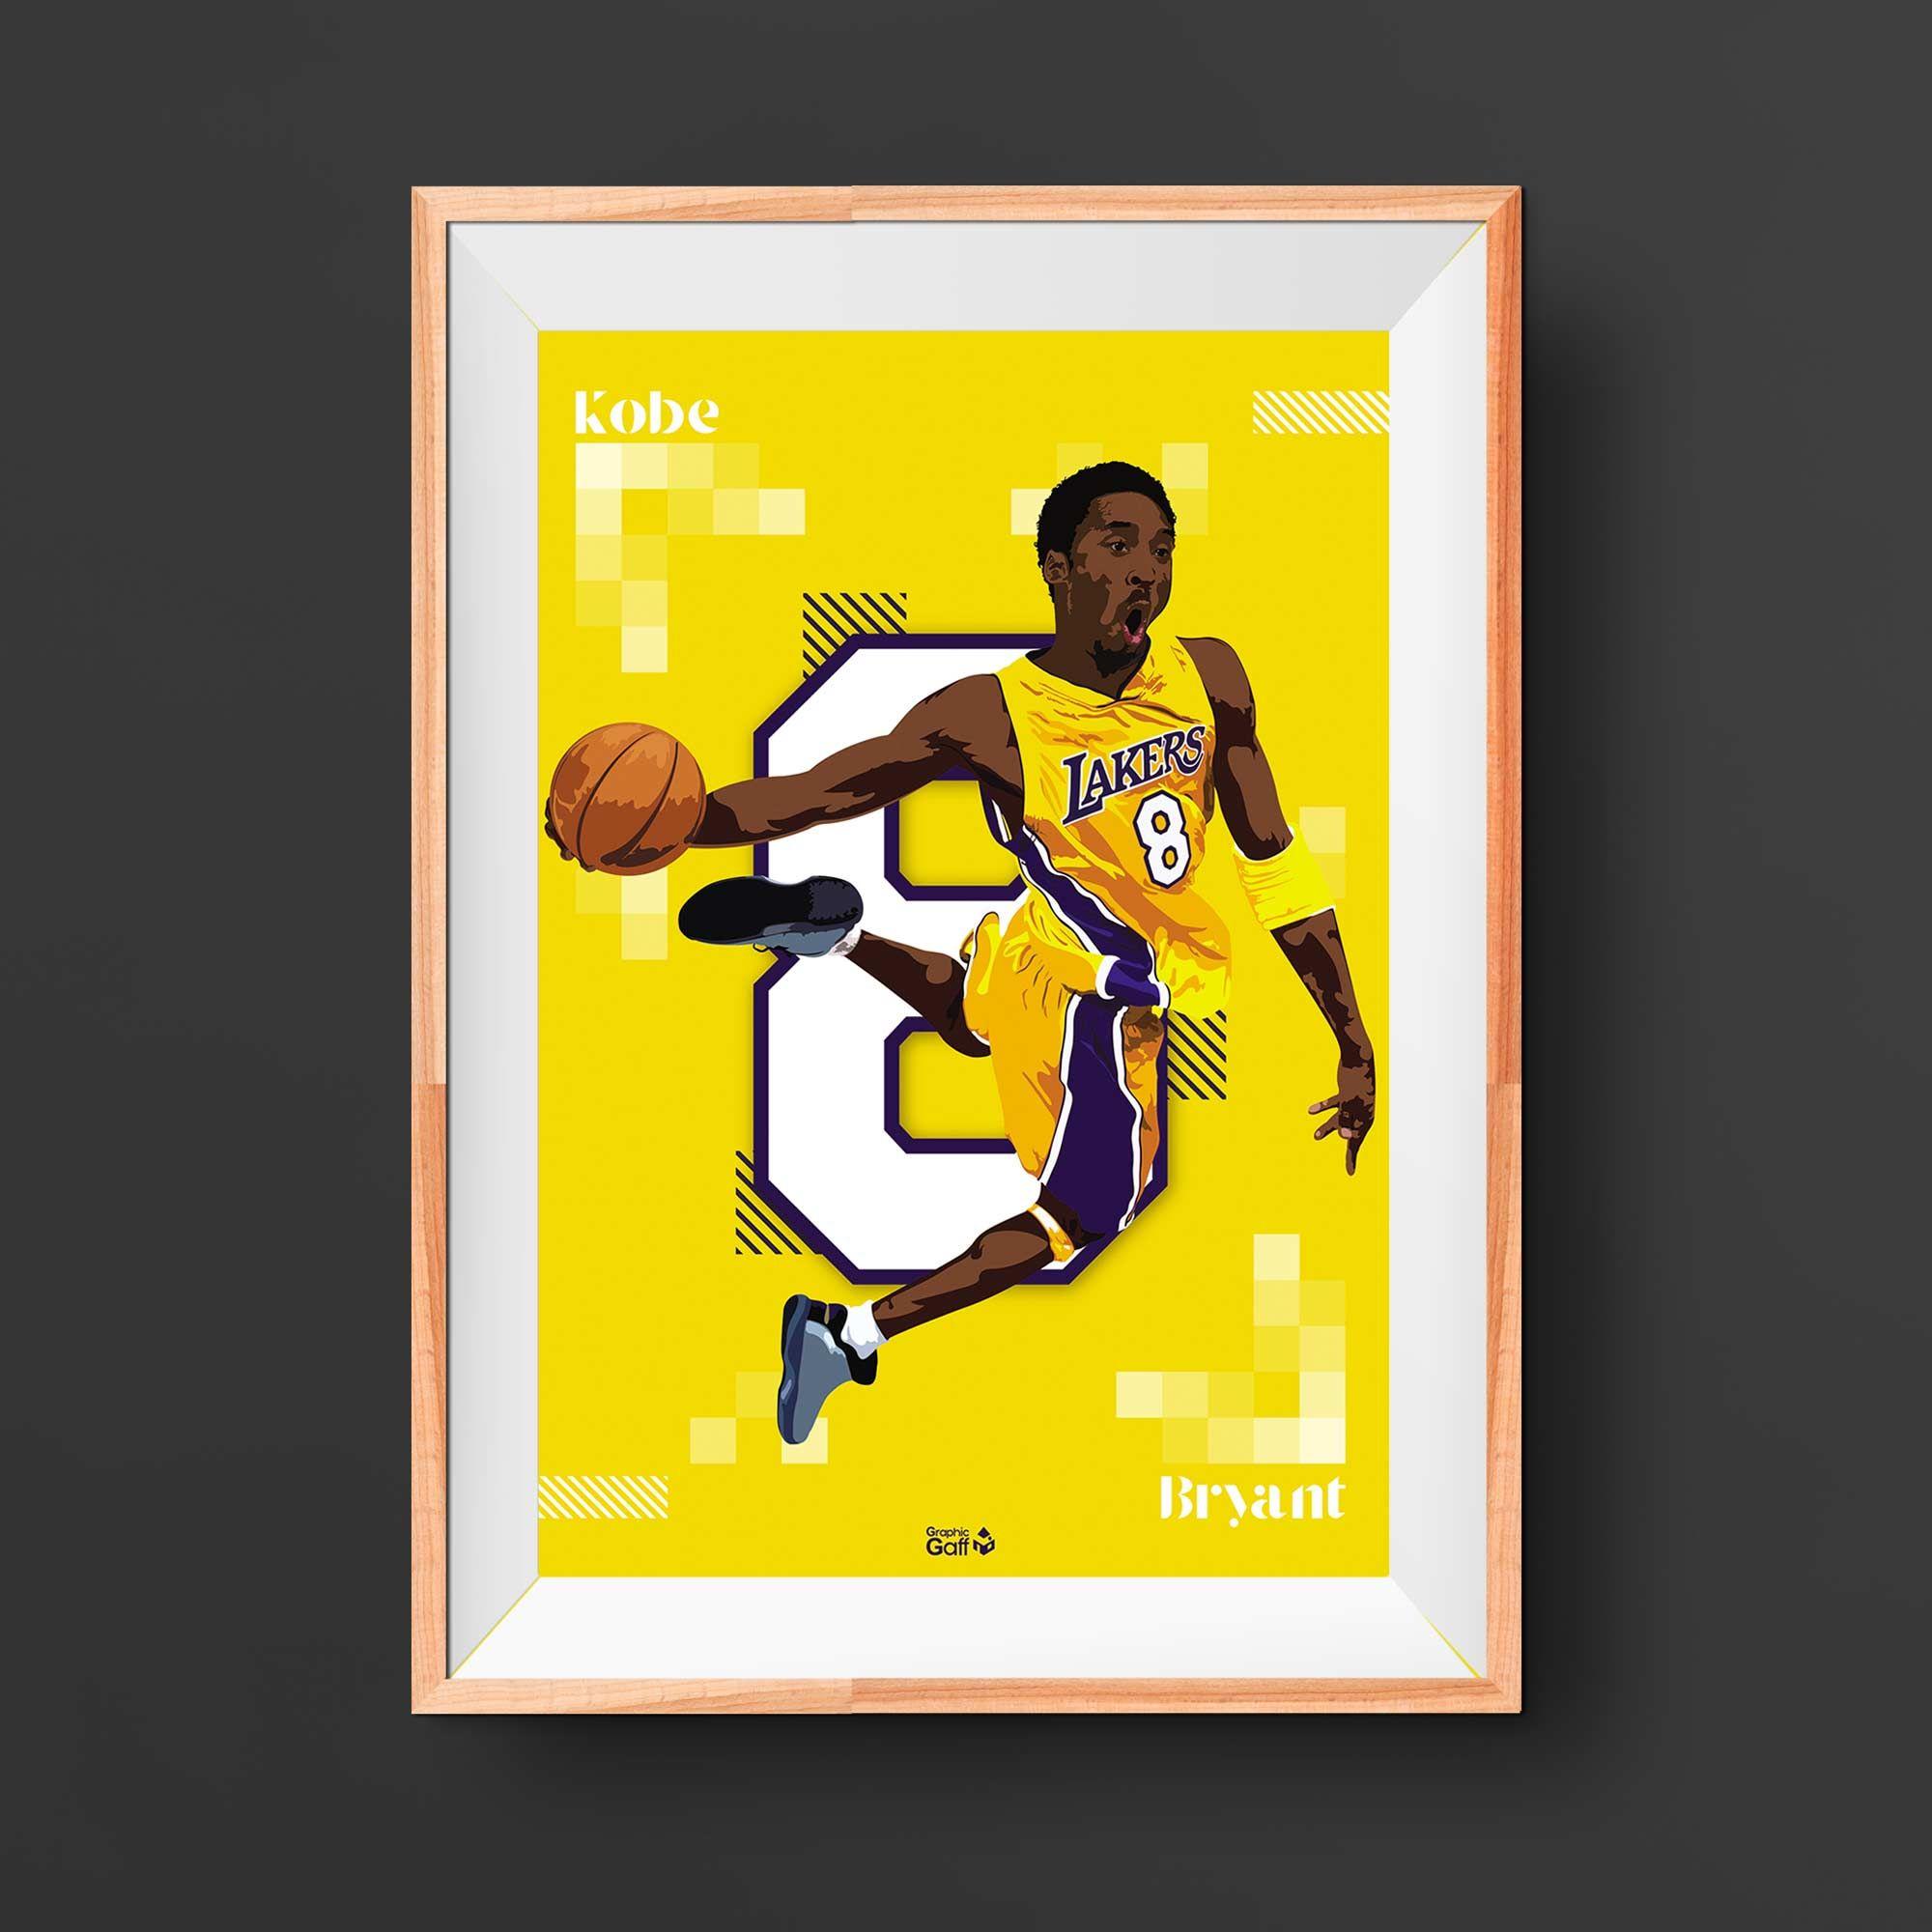 Lakers Basketball Kobe Bryant Art Print Poster Etsy In 2020 Kobe Bryant Poster Basketball Posters Kobe Bryant